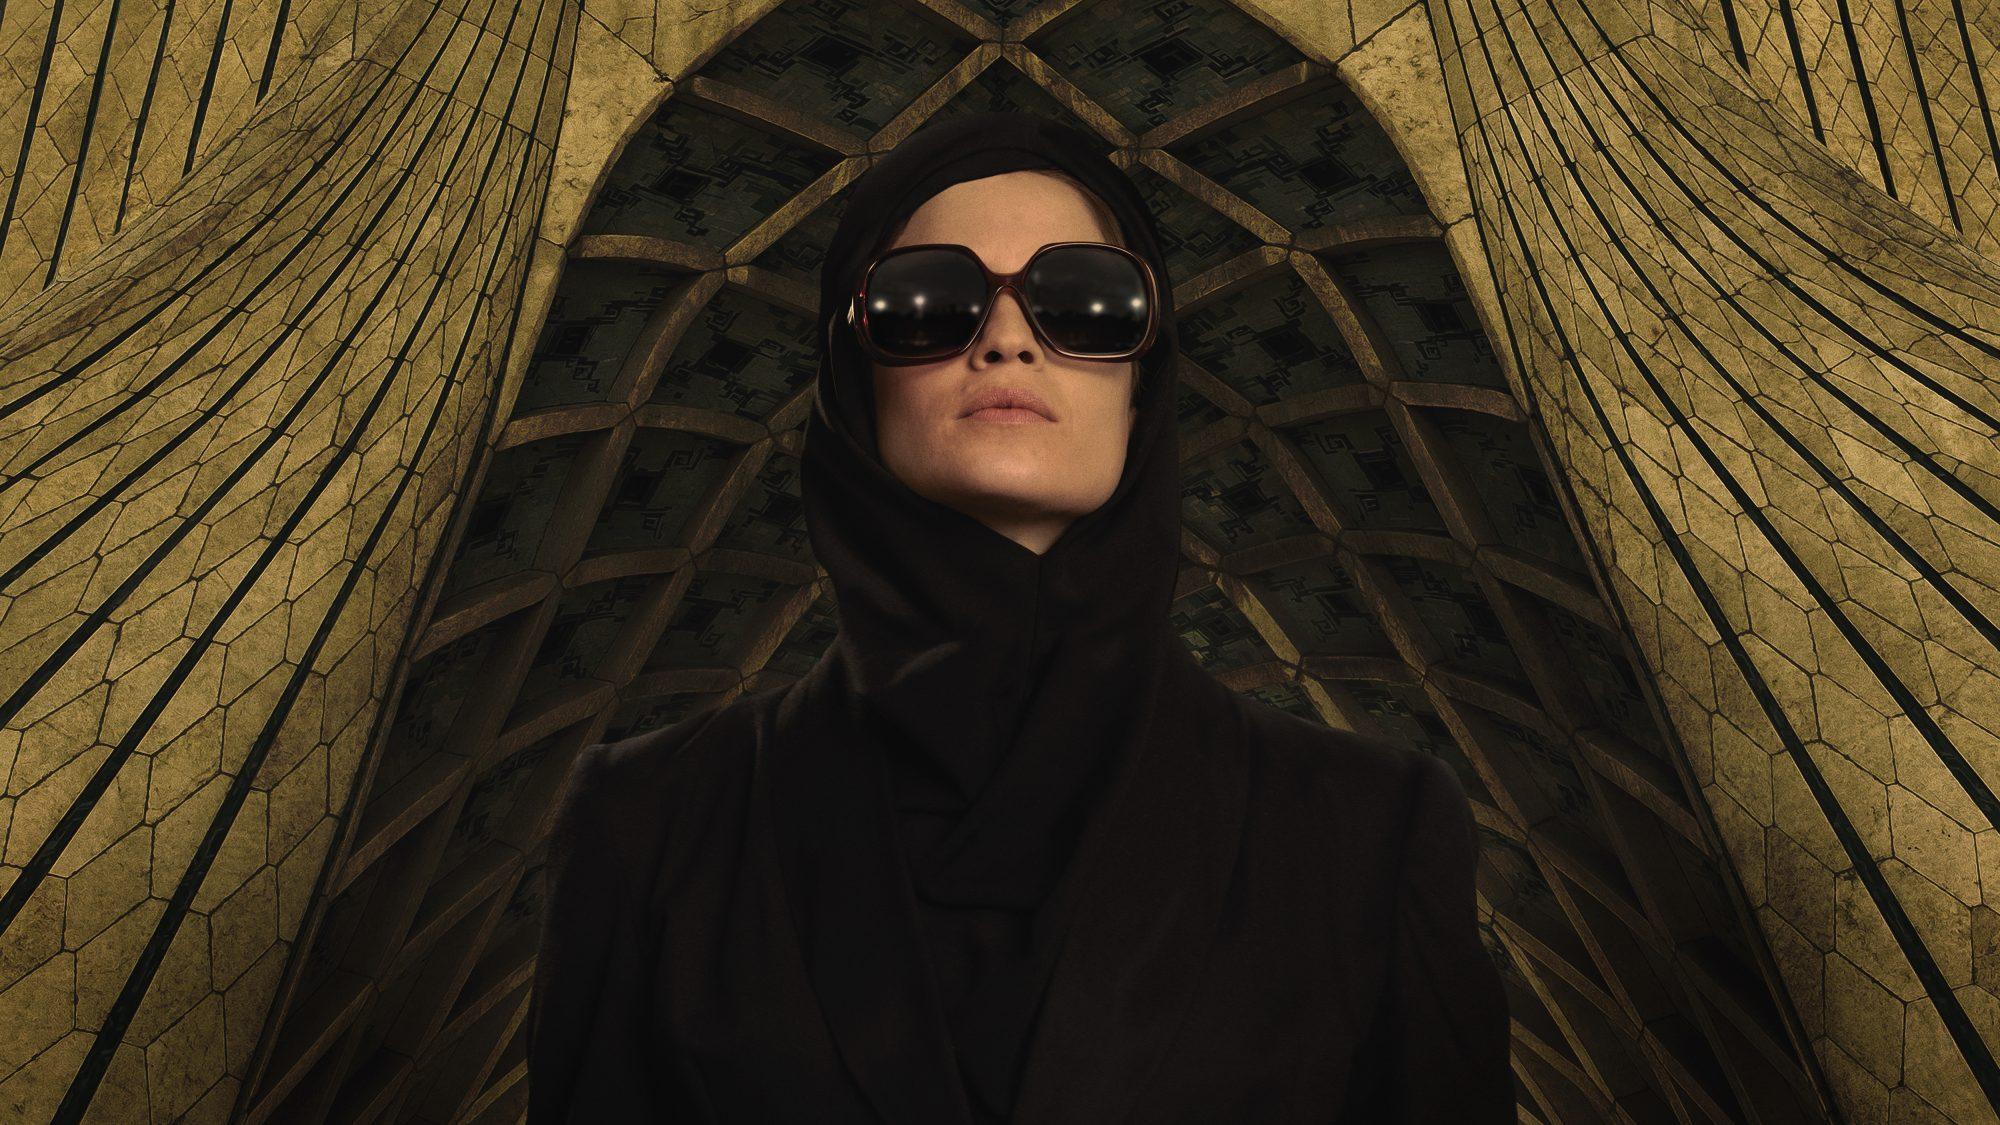 Israeli Spy Thriller 'Tehran' Renewed for Season 2 at Apple TV Plus